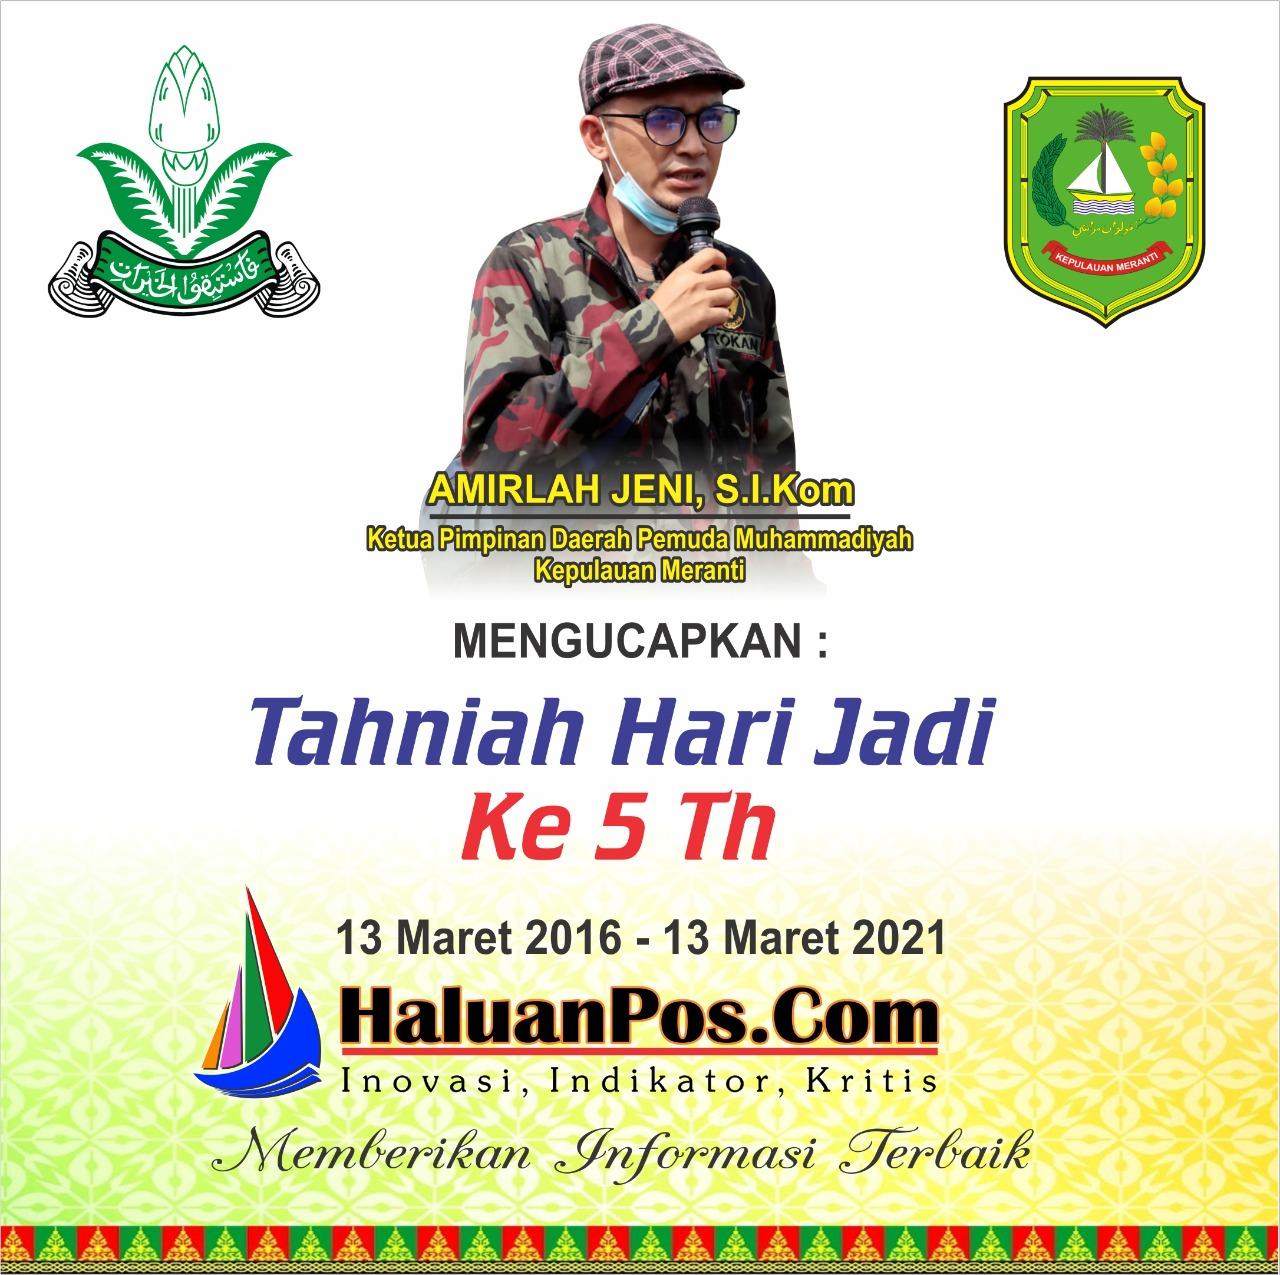 Ucapan HUT dari Ketua Pemuda Muhammadiyah Meranti